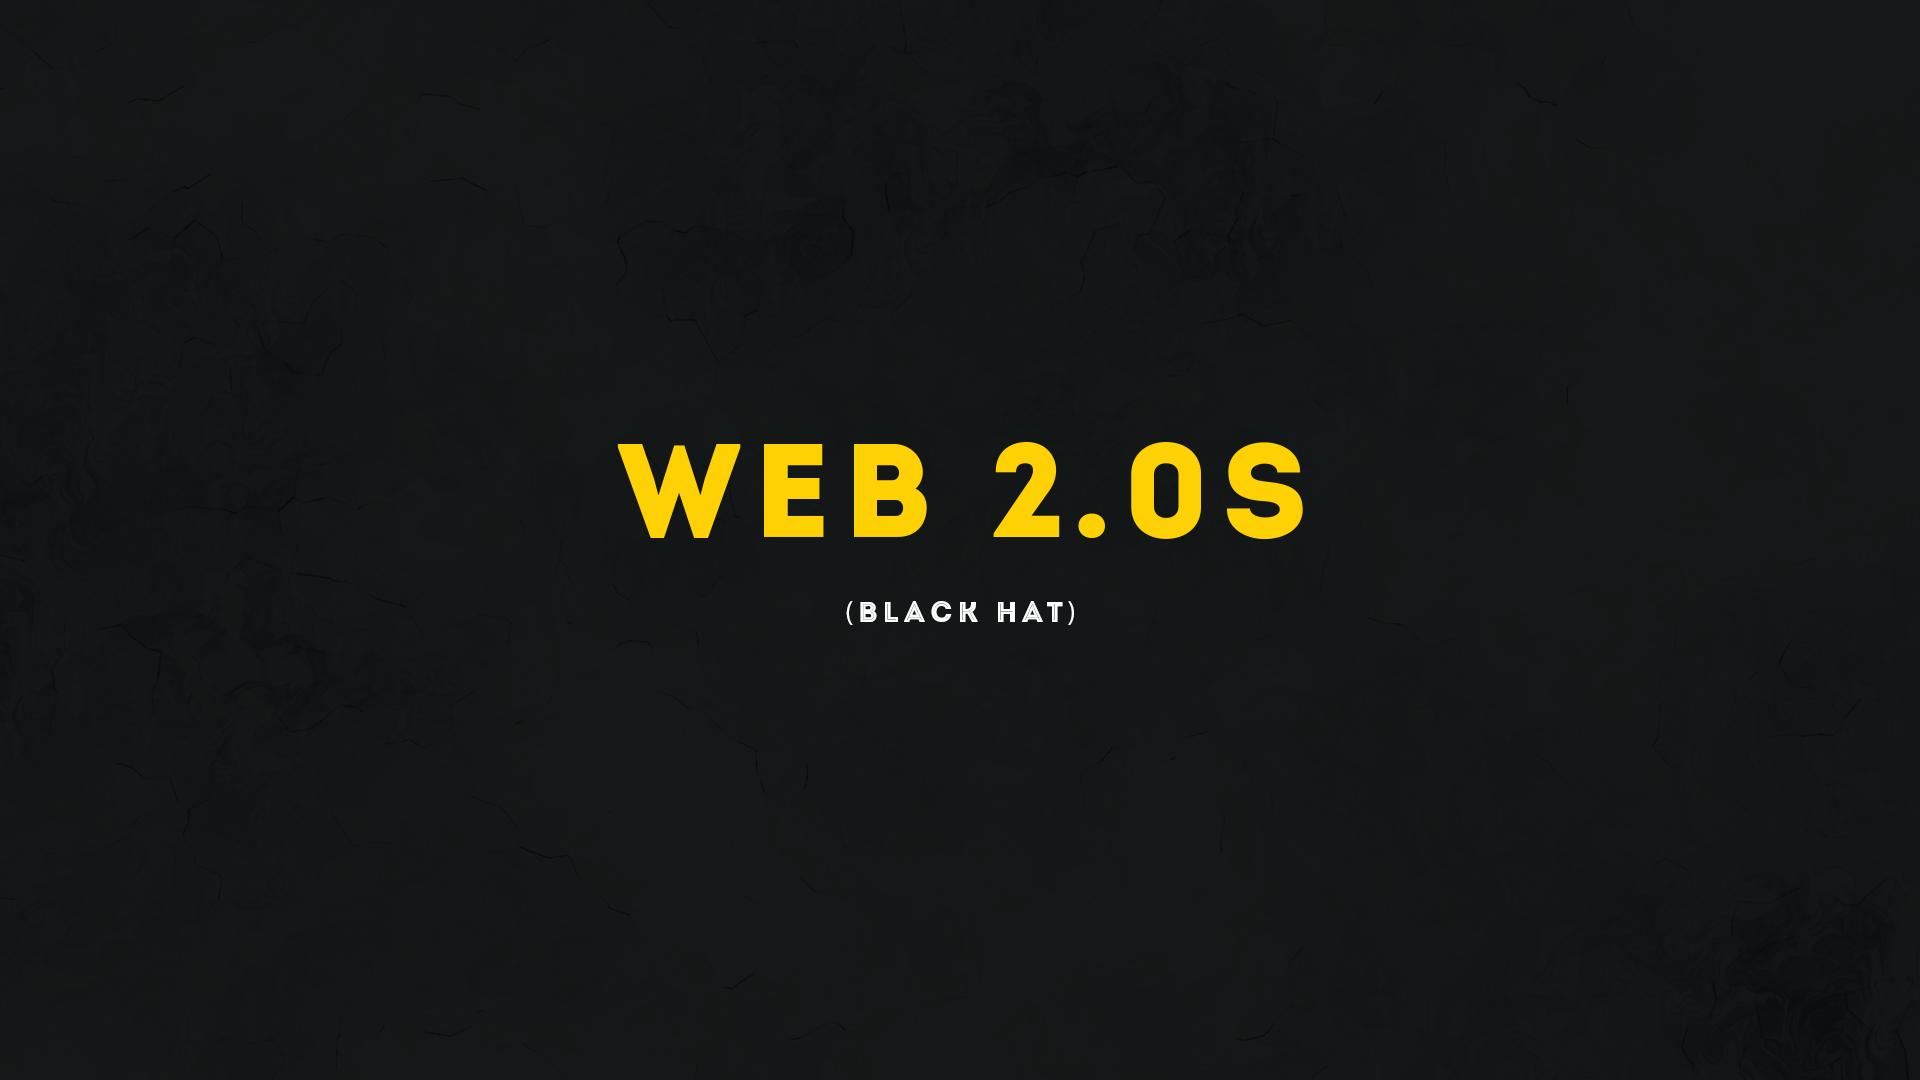 web 2.0s